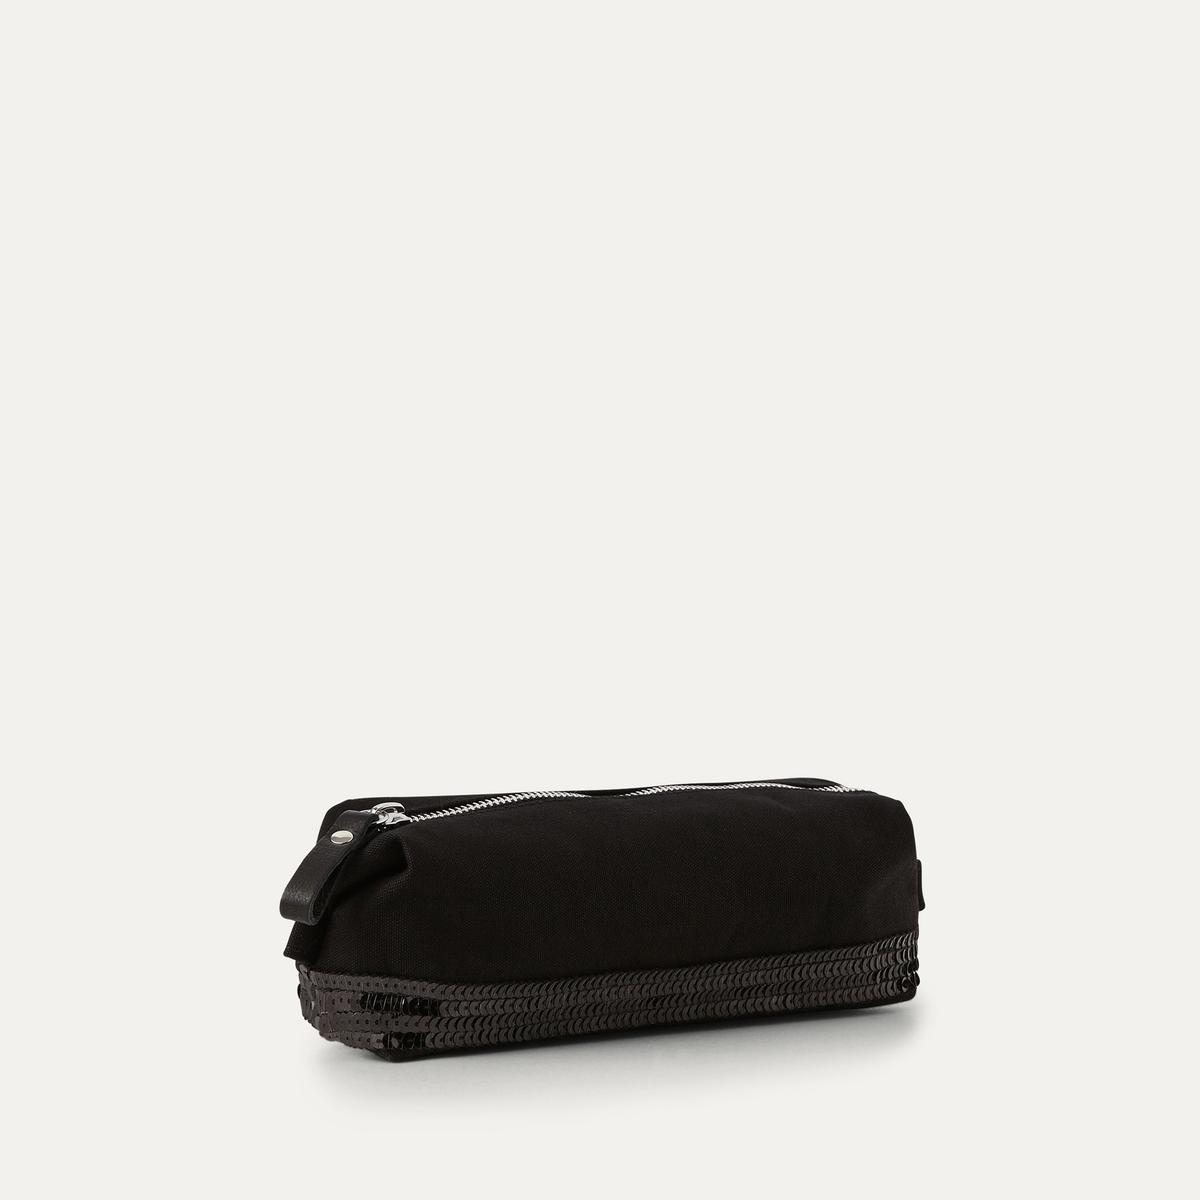 Пенал школьный из парусины с блесткамиШкольный пенал ATHE VANESSA BRUNO - из 100% хлопка с блестками. Блестки по низу сумки. Застежка на молнию с клапаном.Состав и описание :Материал : 100% хлопокРазмеры : Ш. 23 x В. 9 x Г. 6,5 см<br><br>Цвет: черный